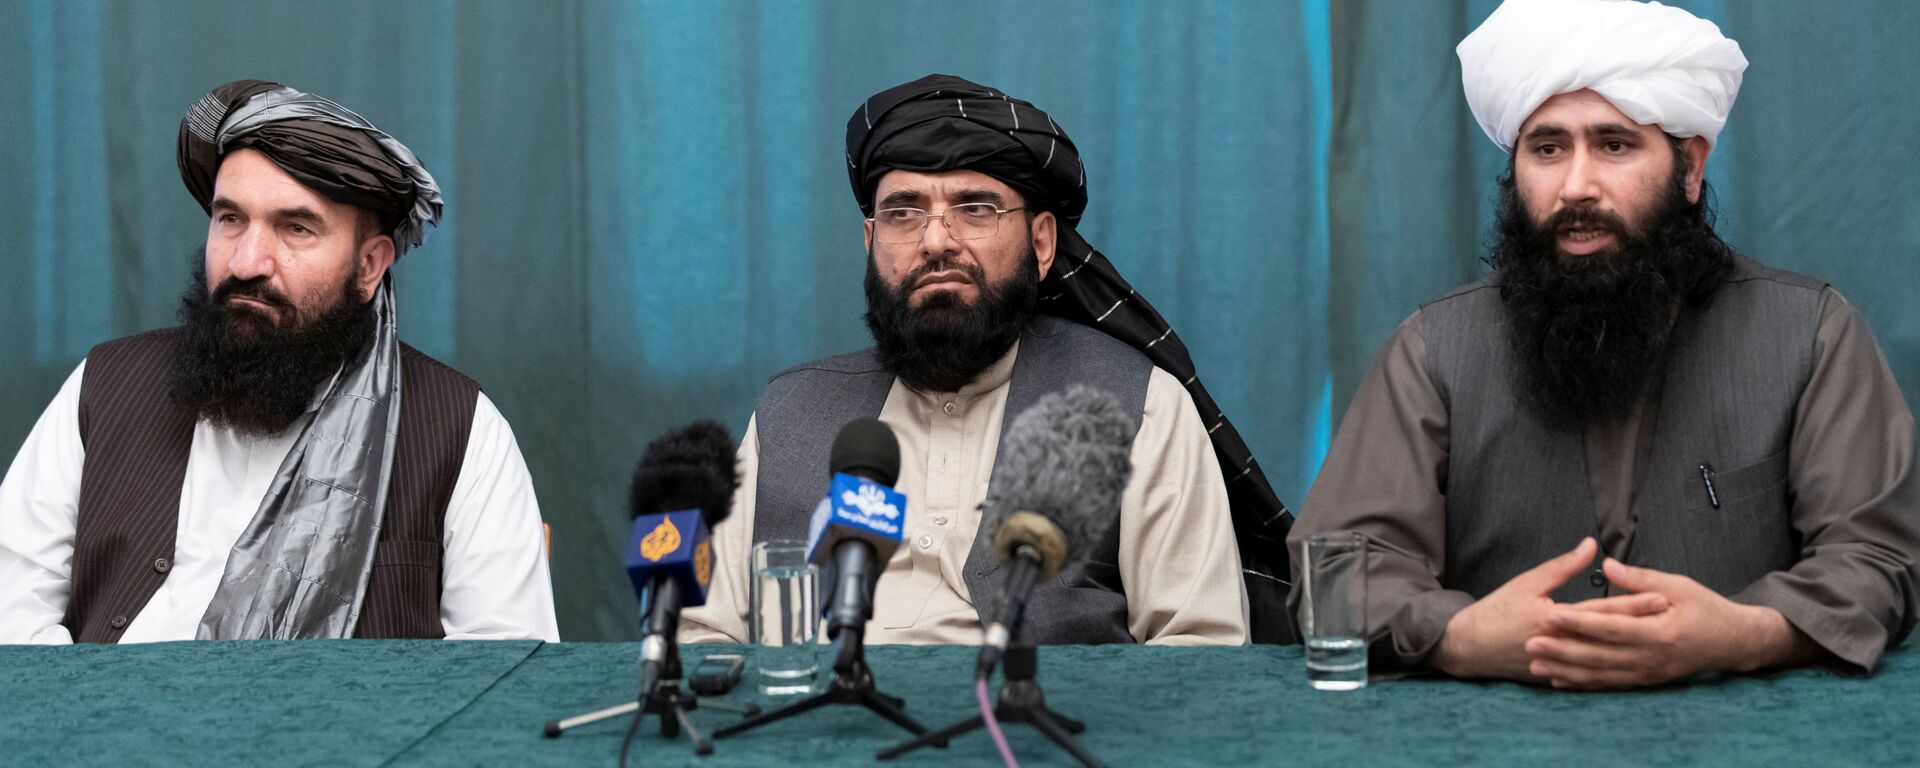 Taliban müzakere heyeti üyeleri Hayrullah Hayırhua (sol), Süheyl Şahin (orta) ve Taliban'ın Katar'ın başkenti Doha'daki Siyasi Ofisi'nin Sözcüsü Muhammed Naim (sağ) - Sputnik Türkiye, 1920, 23.08.2021